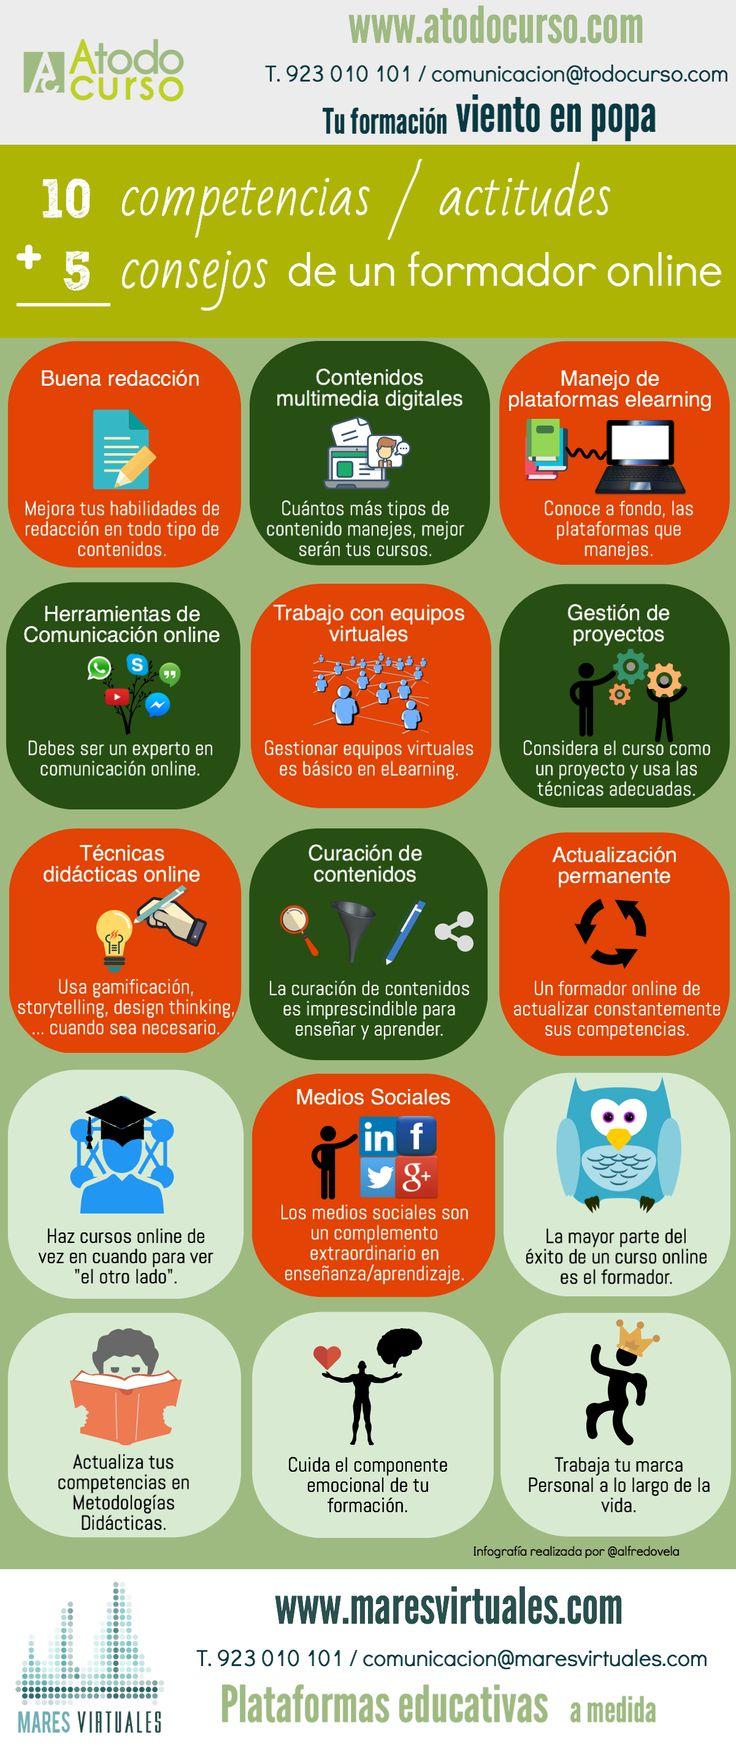 10 competencias + 5 consejos de un formador online #infografia